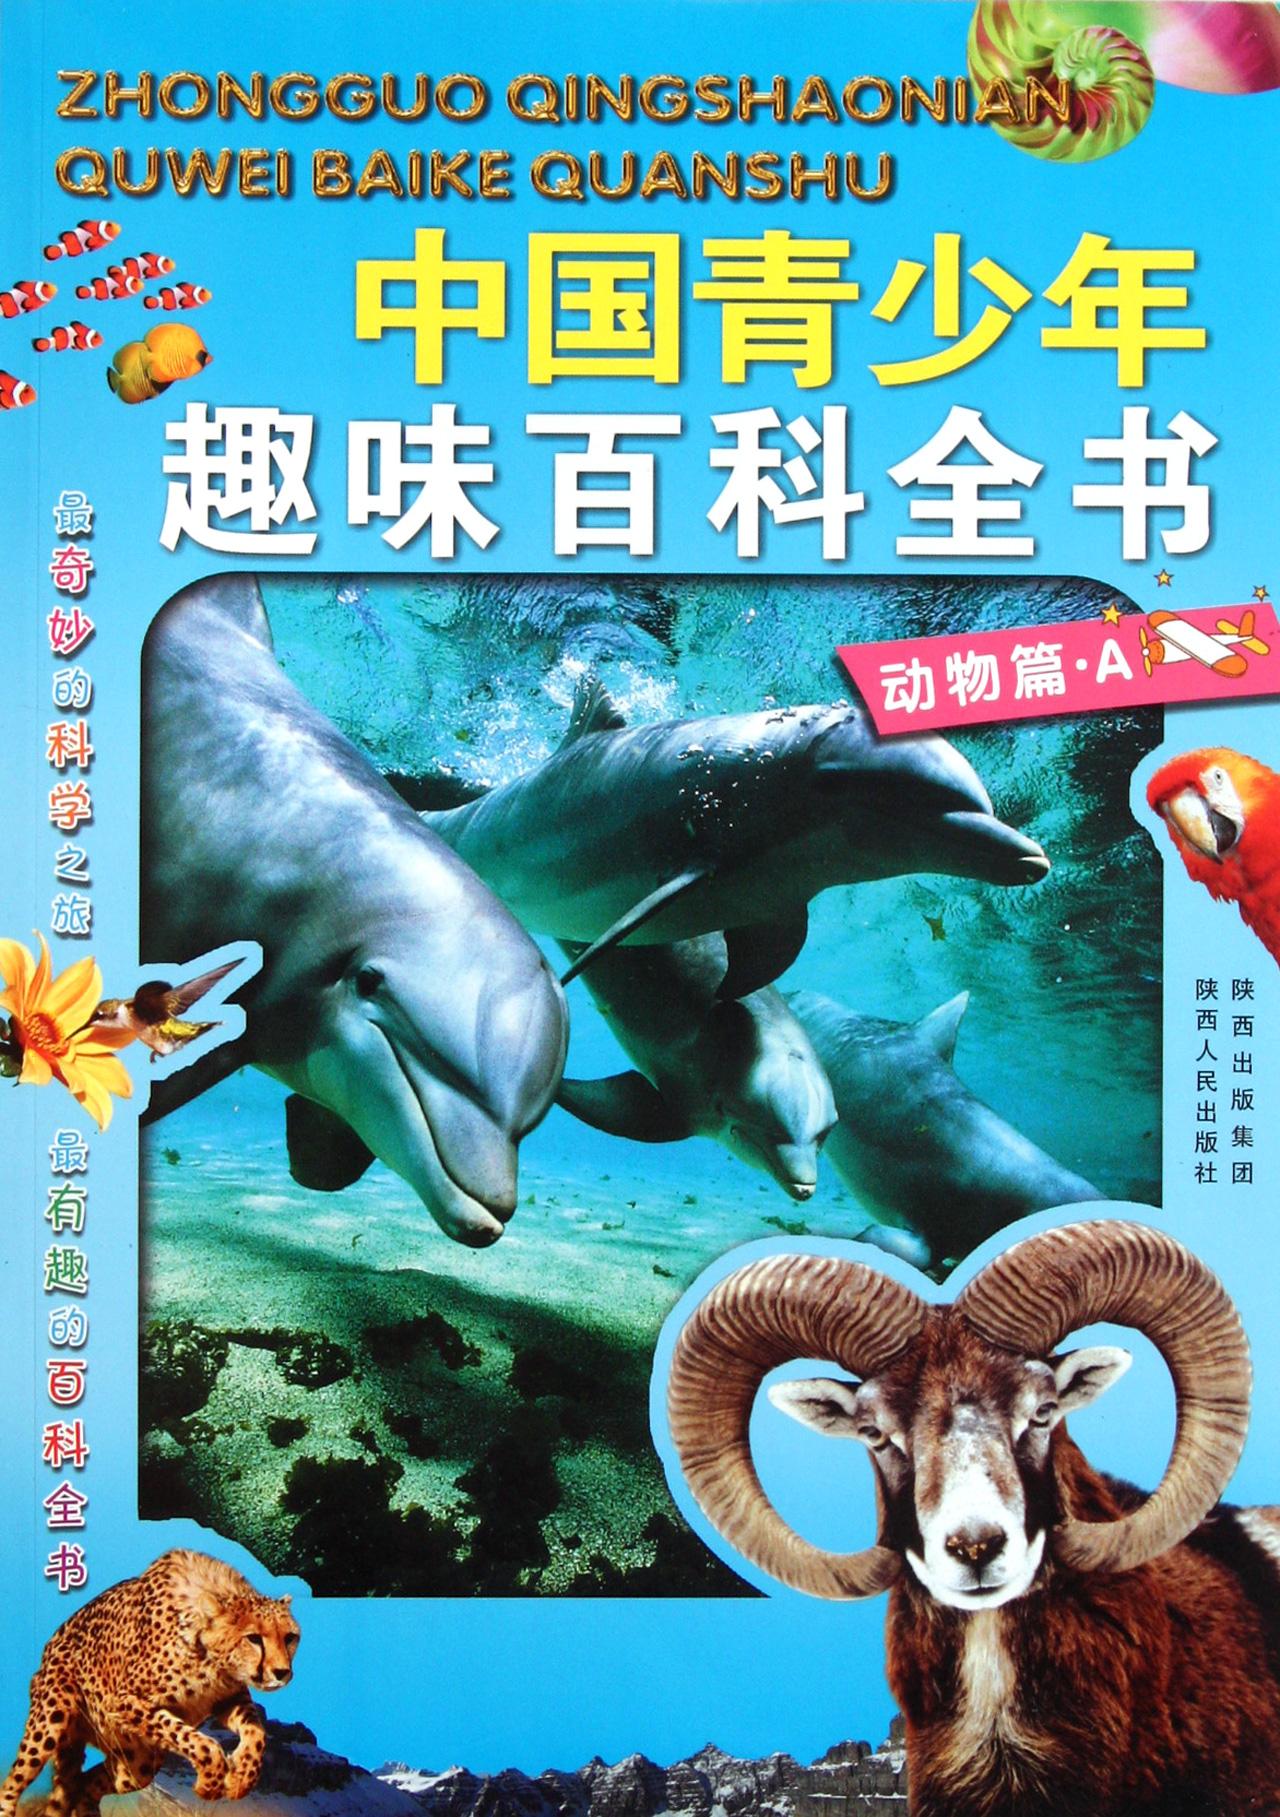 中国青少年趣味百科全书(动物篇a)